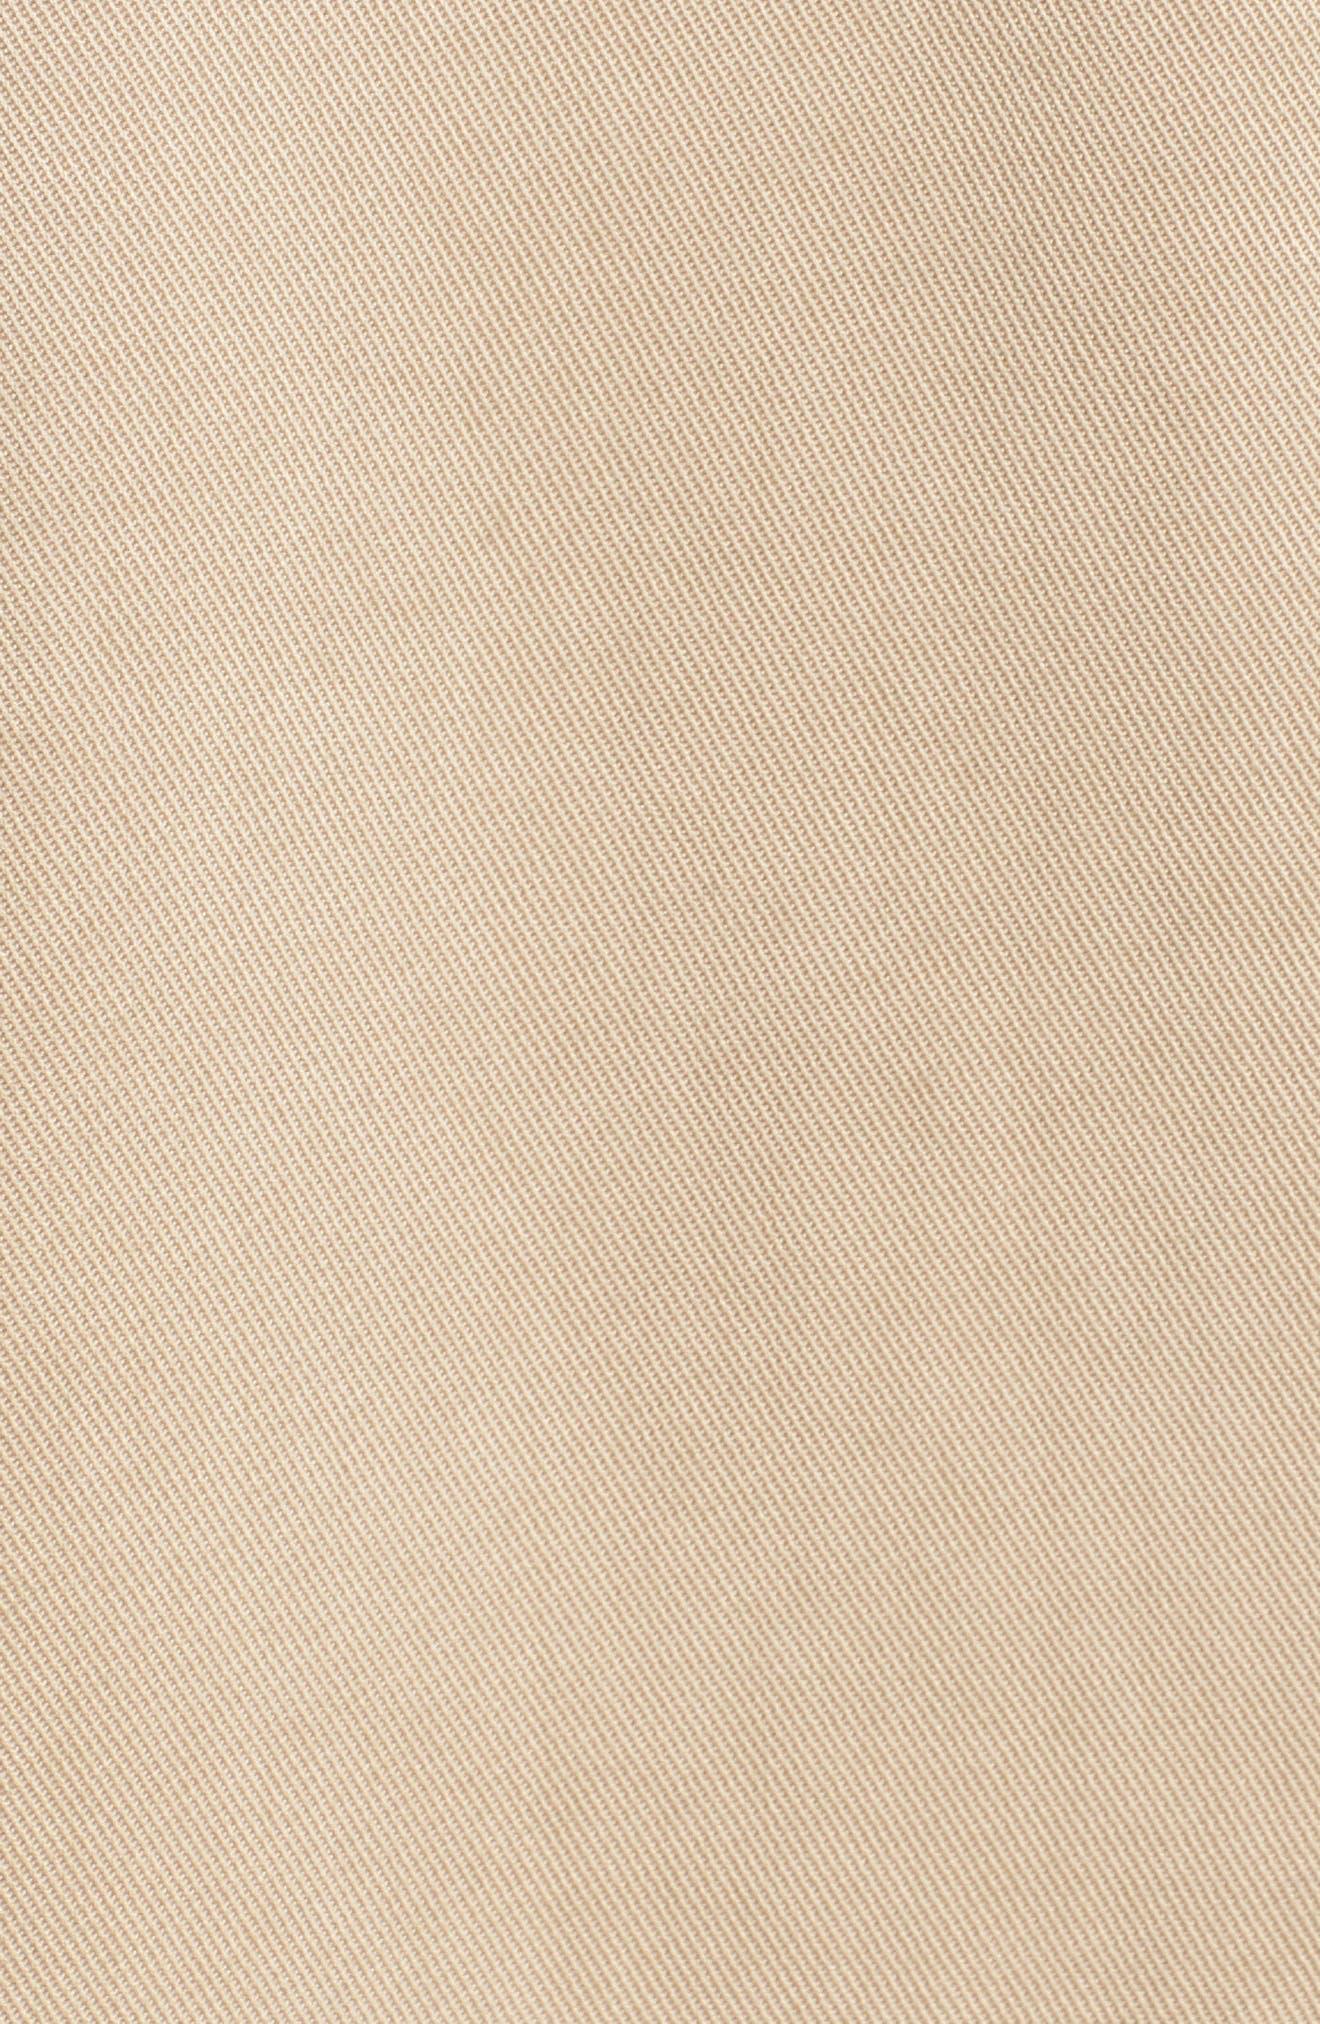 Cargo Vest,                             Alternate thumbnail 6, color,